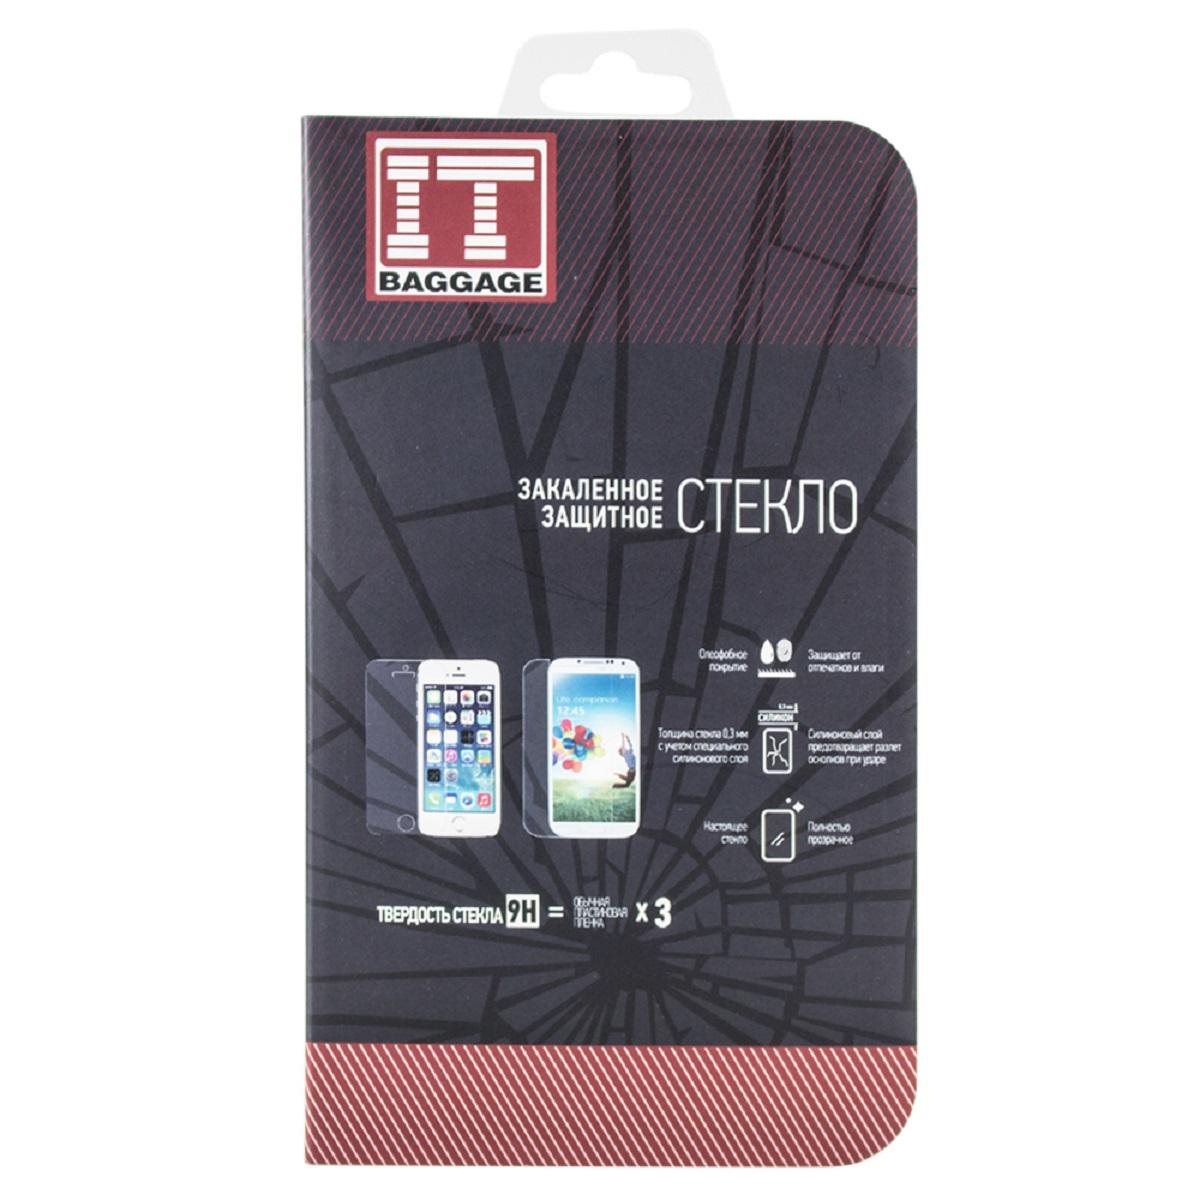 IT Baggage защитное стекло для Xiaomi Mi NoteITXMMINOTEGЗакаленное стекло IT Baggage для Xiaomi Mi Note - это самый верный способ защитить экран от повреждений и загрязнений. Обладает высочайшим уровнем прозрачности и совершенно не влияет на отклик экранного сенсора и качество изображения. Препятствует появлению отпечатков и пятен. Удалить следы жира и косметики с поверхности аксессуара не составить ни какого труда.Характеристики защитного стекла делают его износостойким к таким механическим повреждениям, как царапины, сколы, потертости. При сильном ударе разбившееся стекло не разлетается на осколки, предохраняя вас от порезов, а экран устройства от повреждений.После снятия защитного стекла с поверхности дисплея, на нем не остаются повреждения, такие как потертости и царапины.